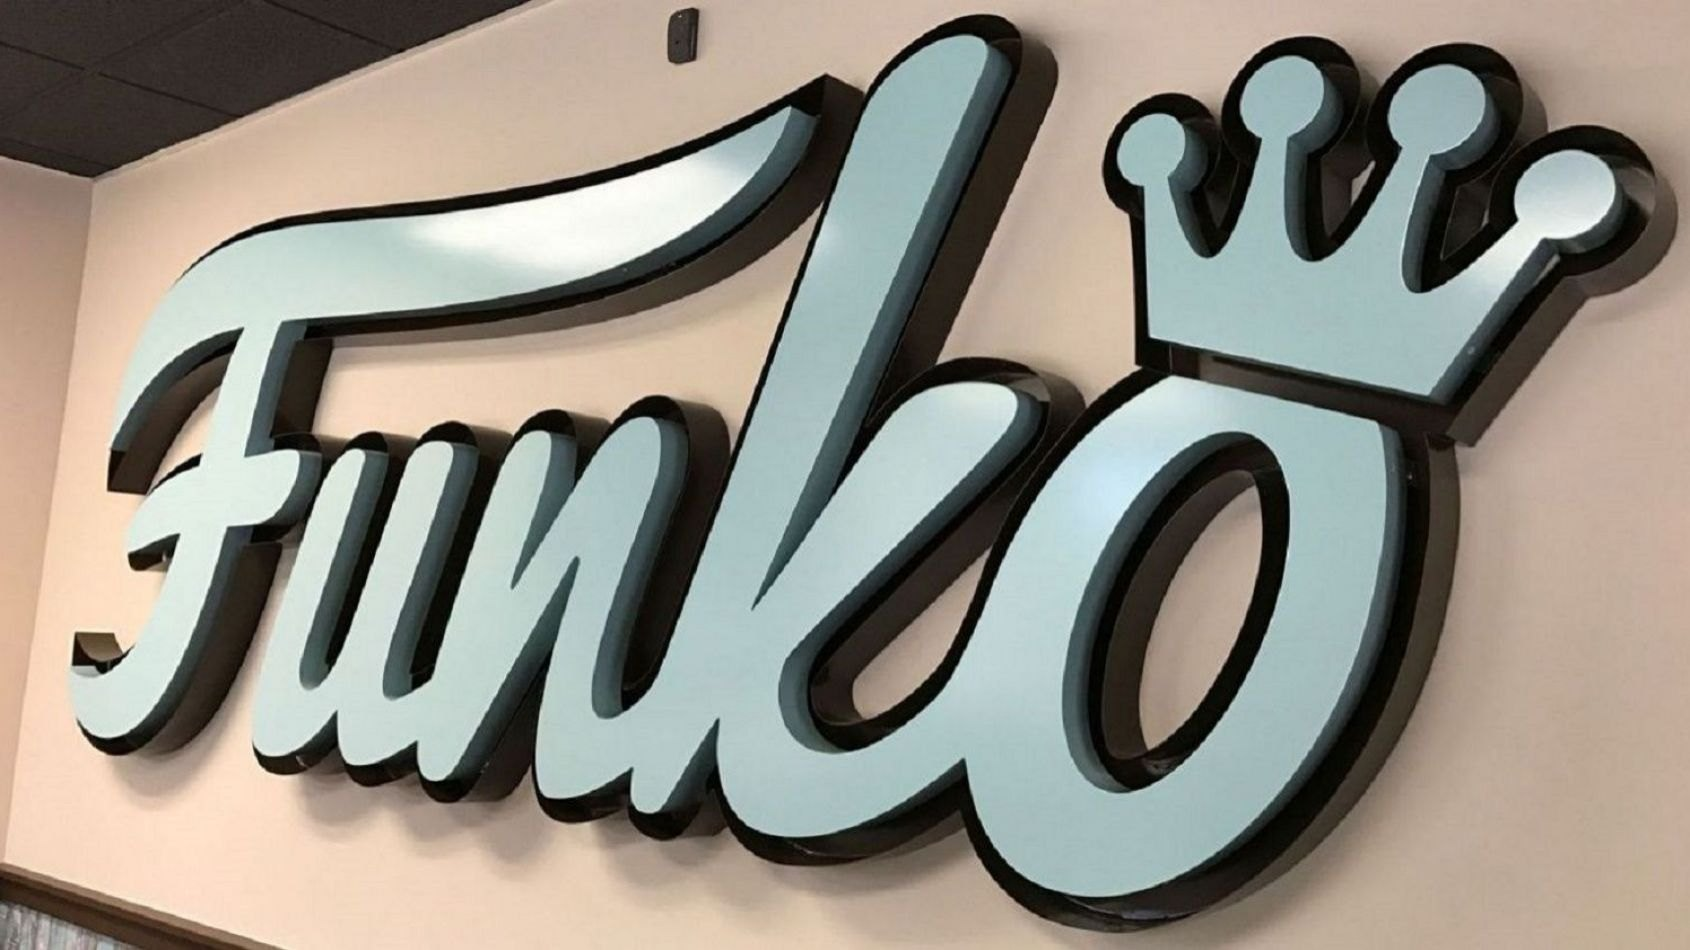 Les Funko Pop exclusives pour la Disney D23 Expo